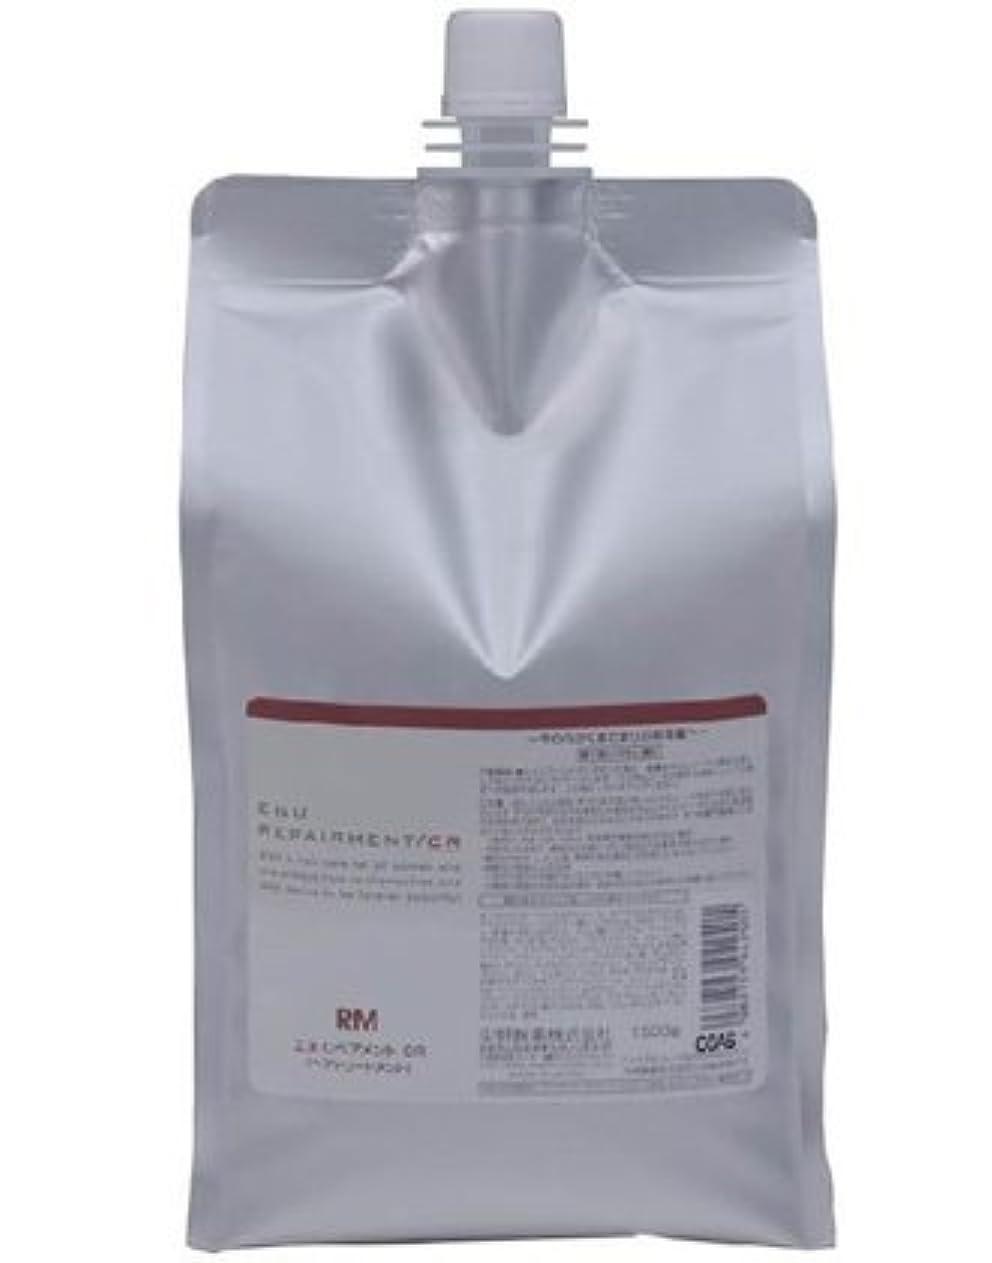 とんでもないグロー宿泊中野製薬 ENU エヌ リペアメント CR 1500g レフィル 詰替え用